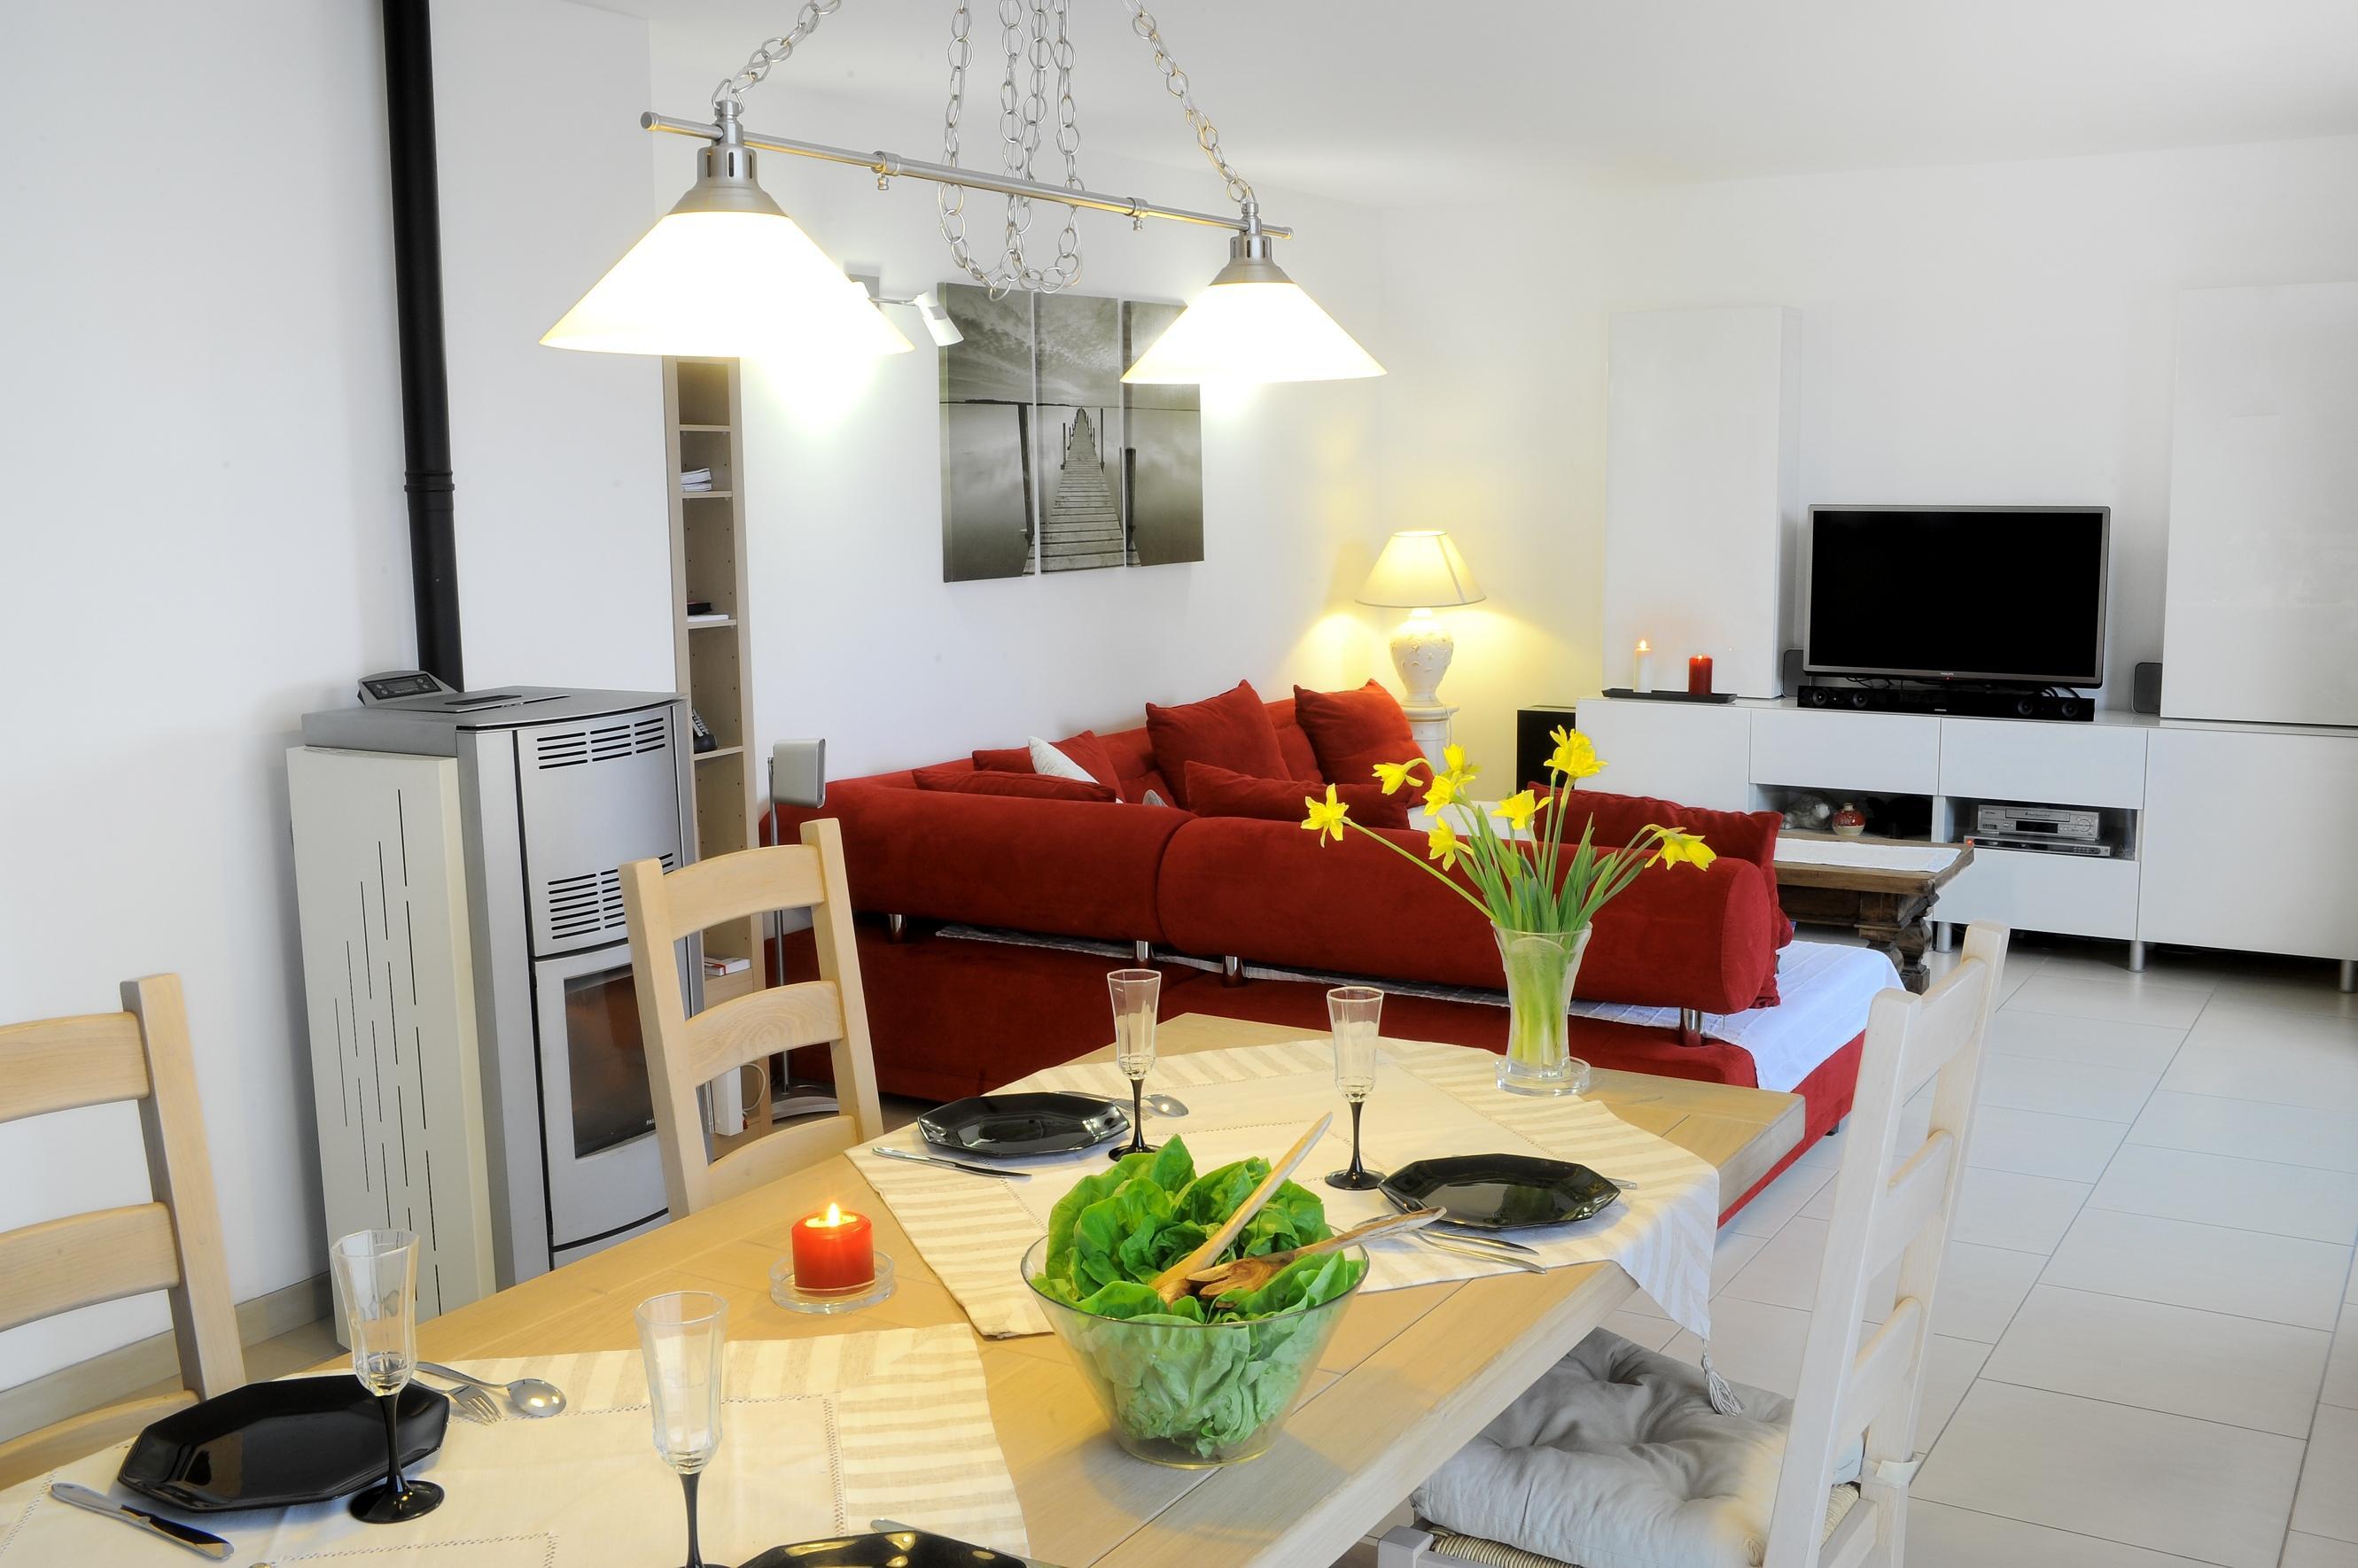 Maisons + Terrains du constructeur MAISON FAMILIALE RENNES • 97 m² • VITRE